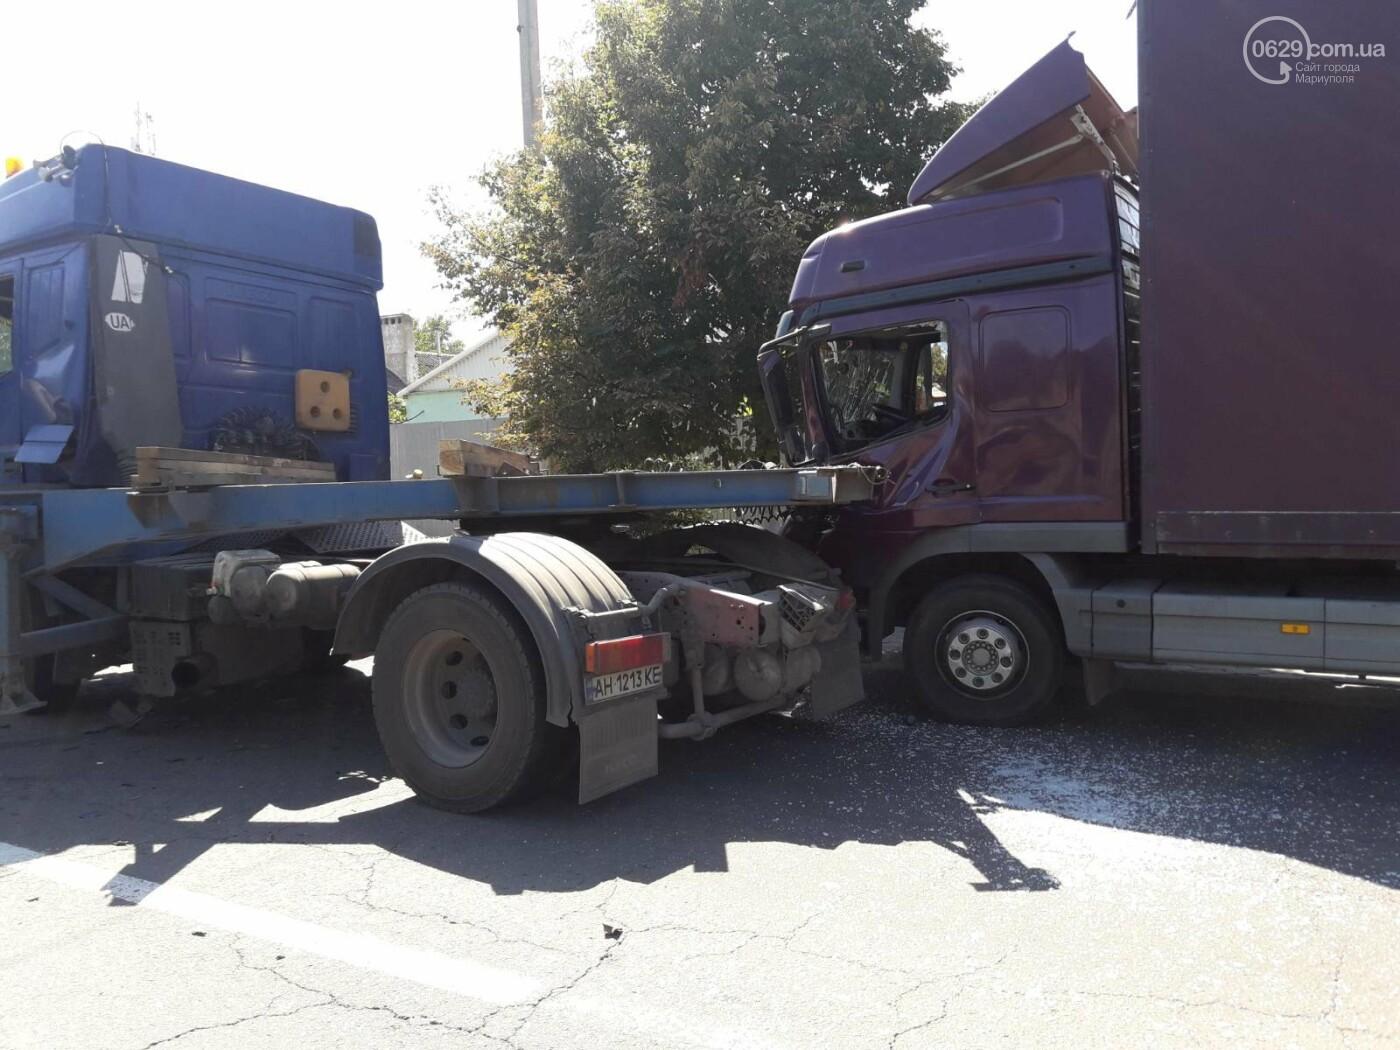 ДТП в Мариуполе: столкнулись два грузовика и перекрыли дорогу, - ФОТО, ВИДЕО, фото-2